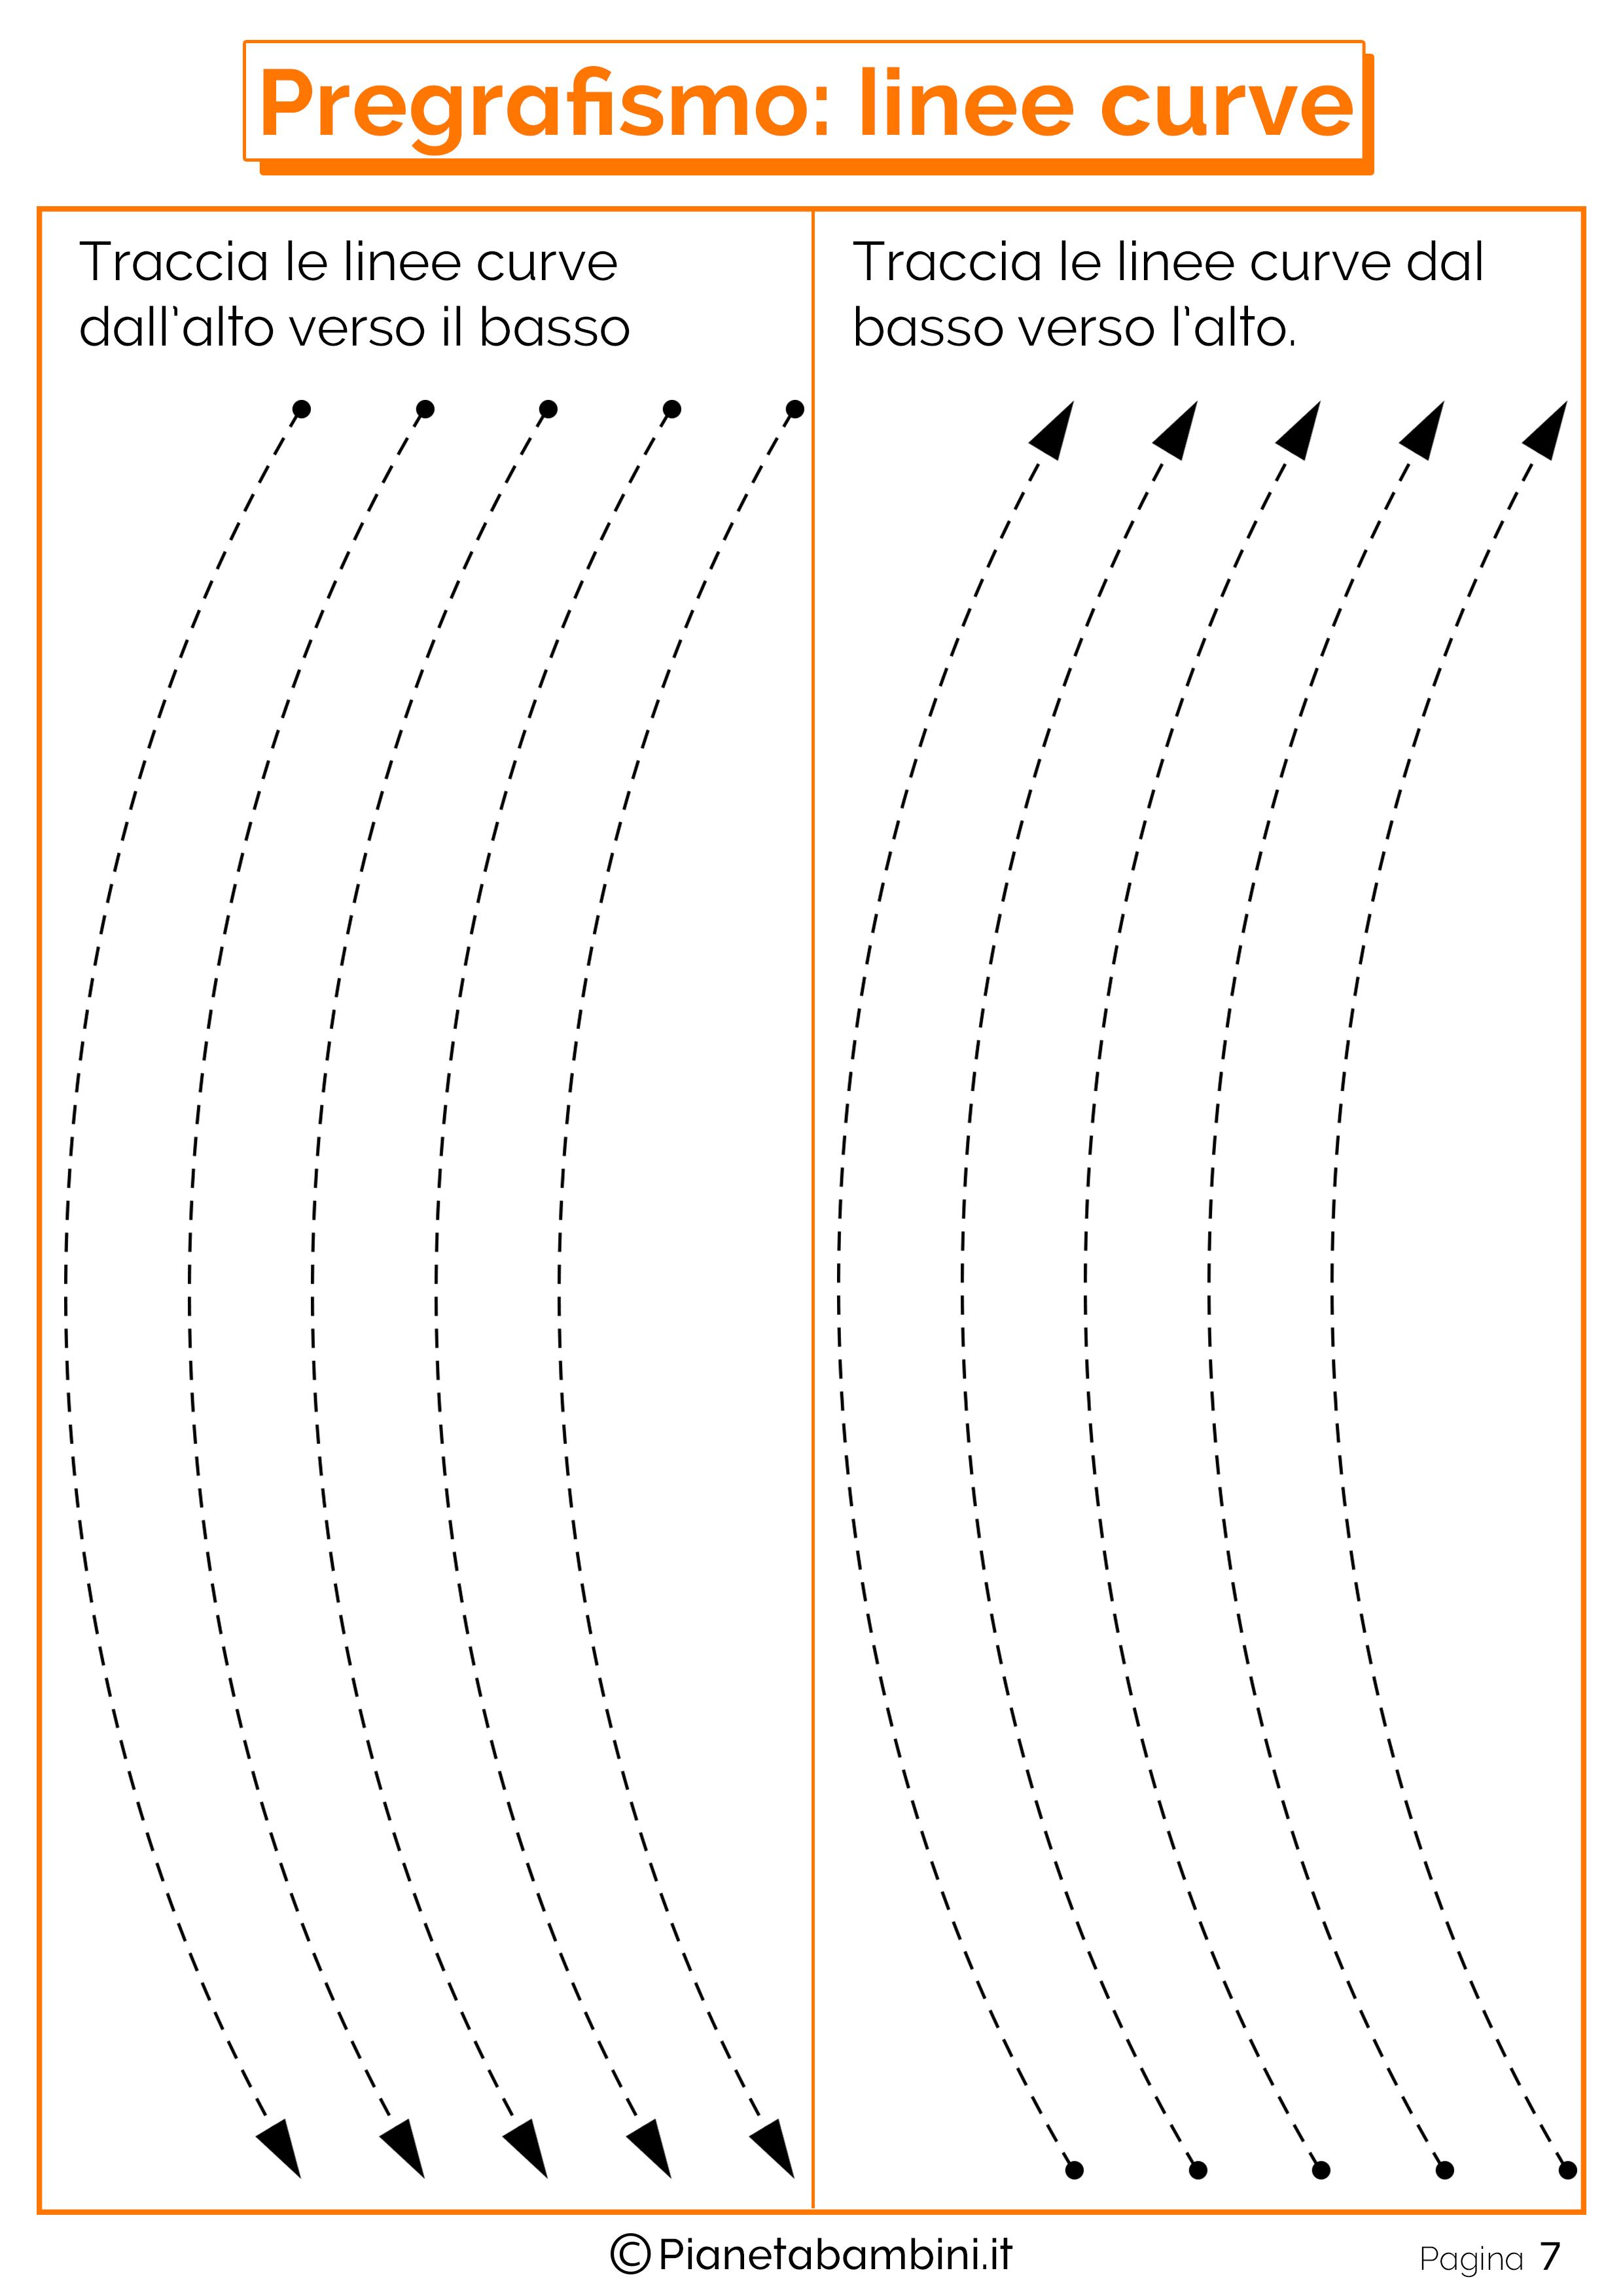 Pregrafismo-Linee-Curve_07